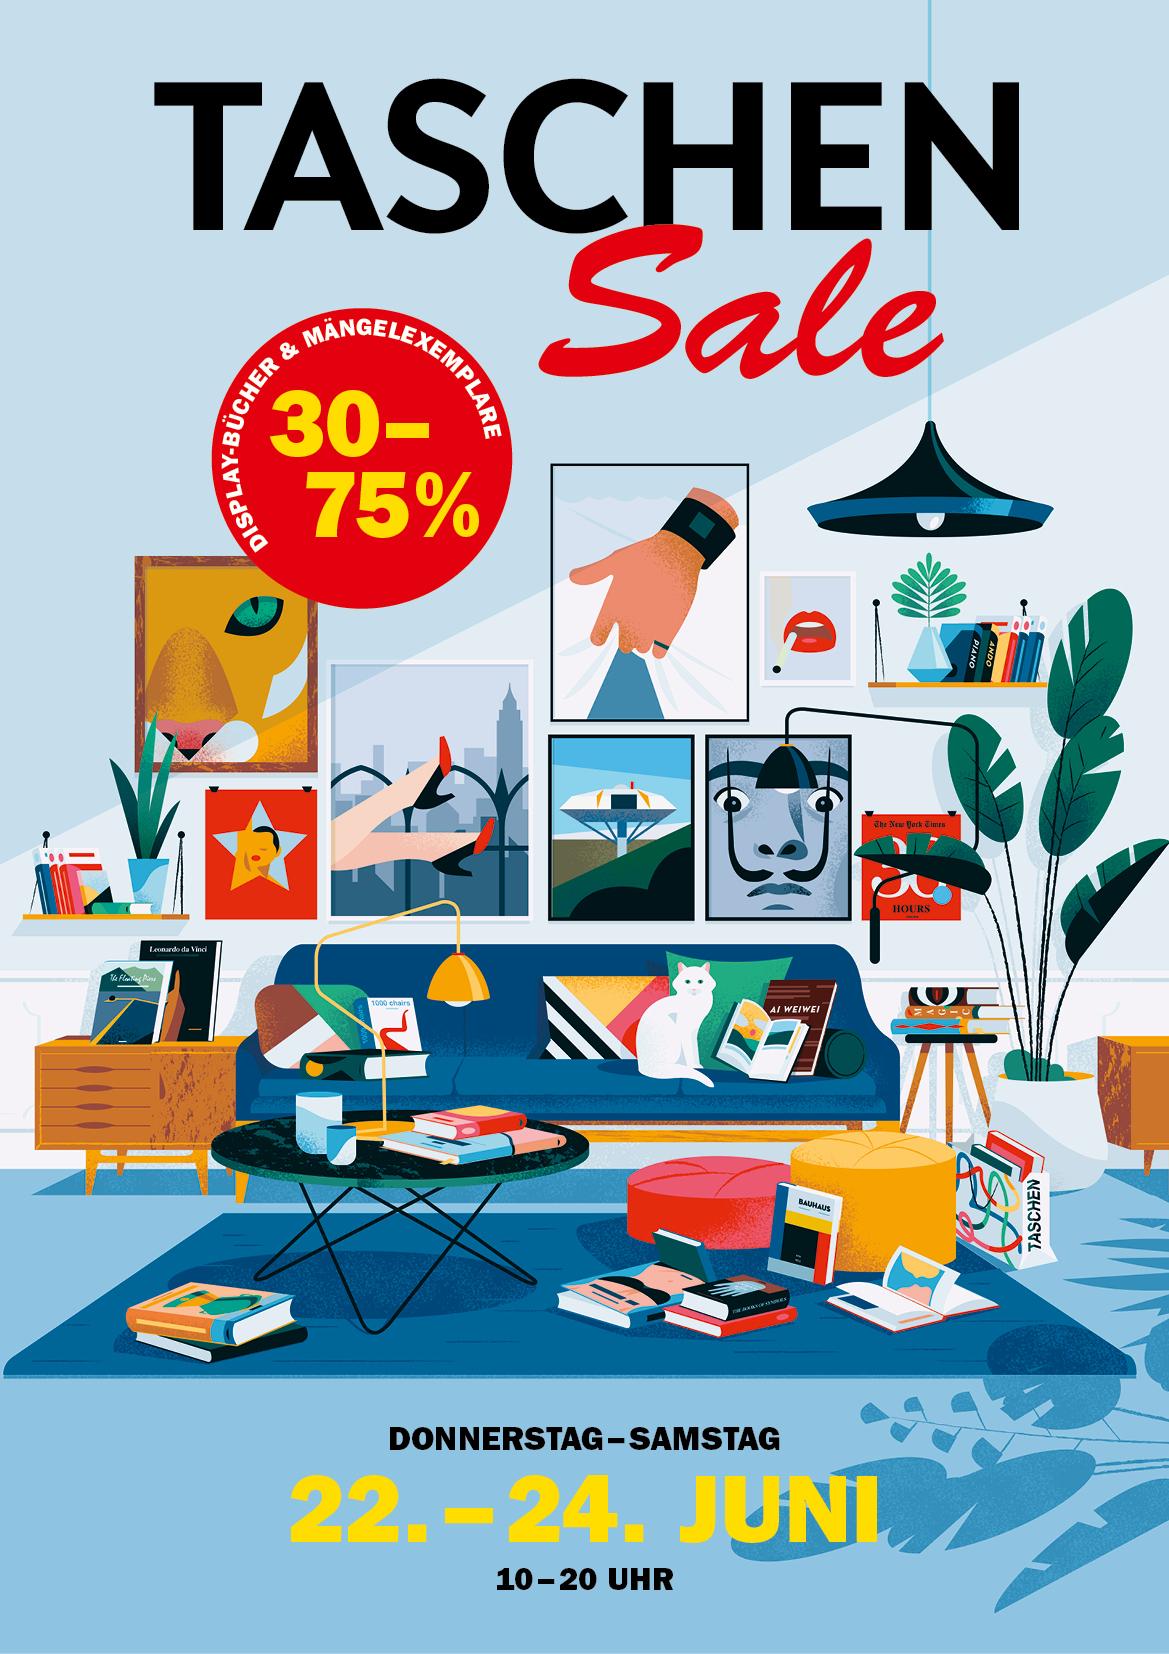 Taschen Sale - 30 - 75% reduziert | Zwischen dem 22.-24. Juni 2017